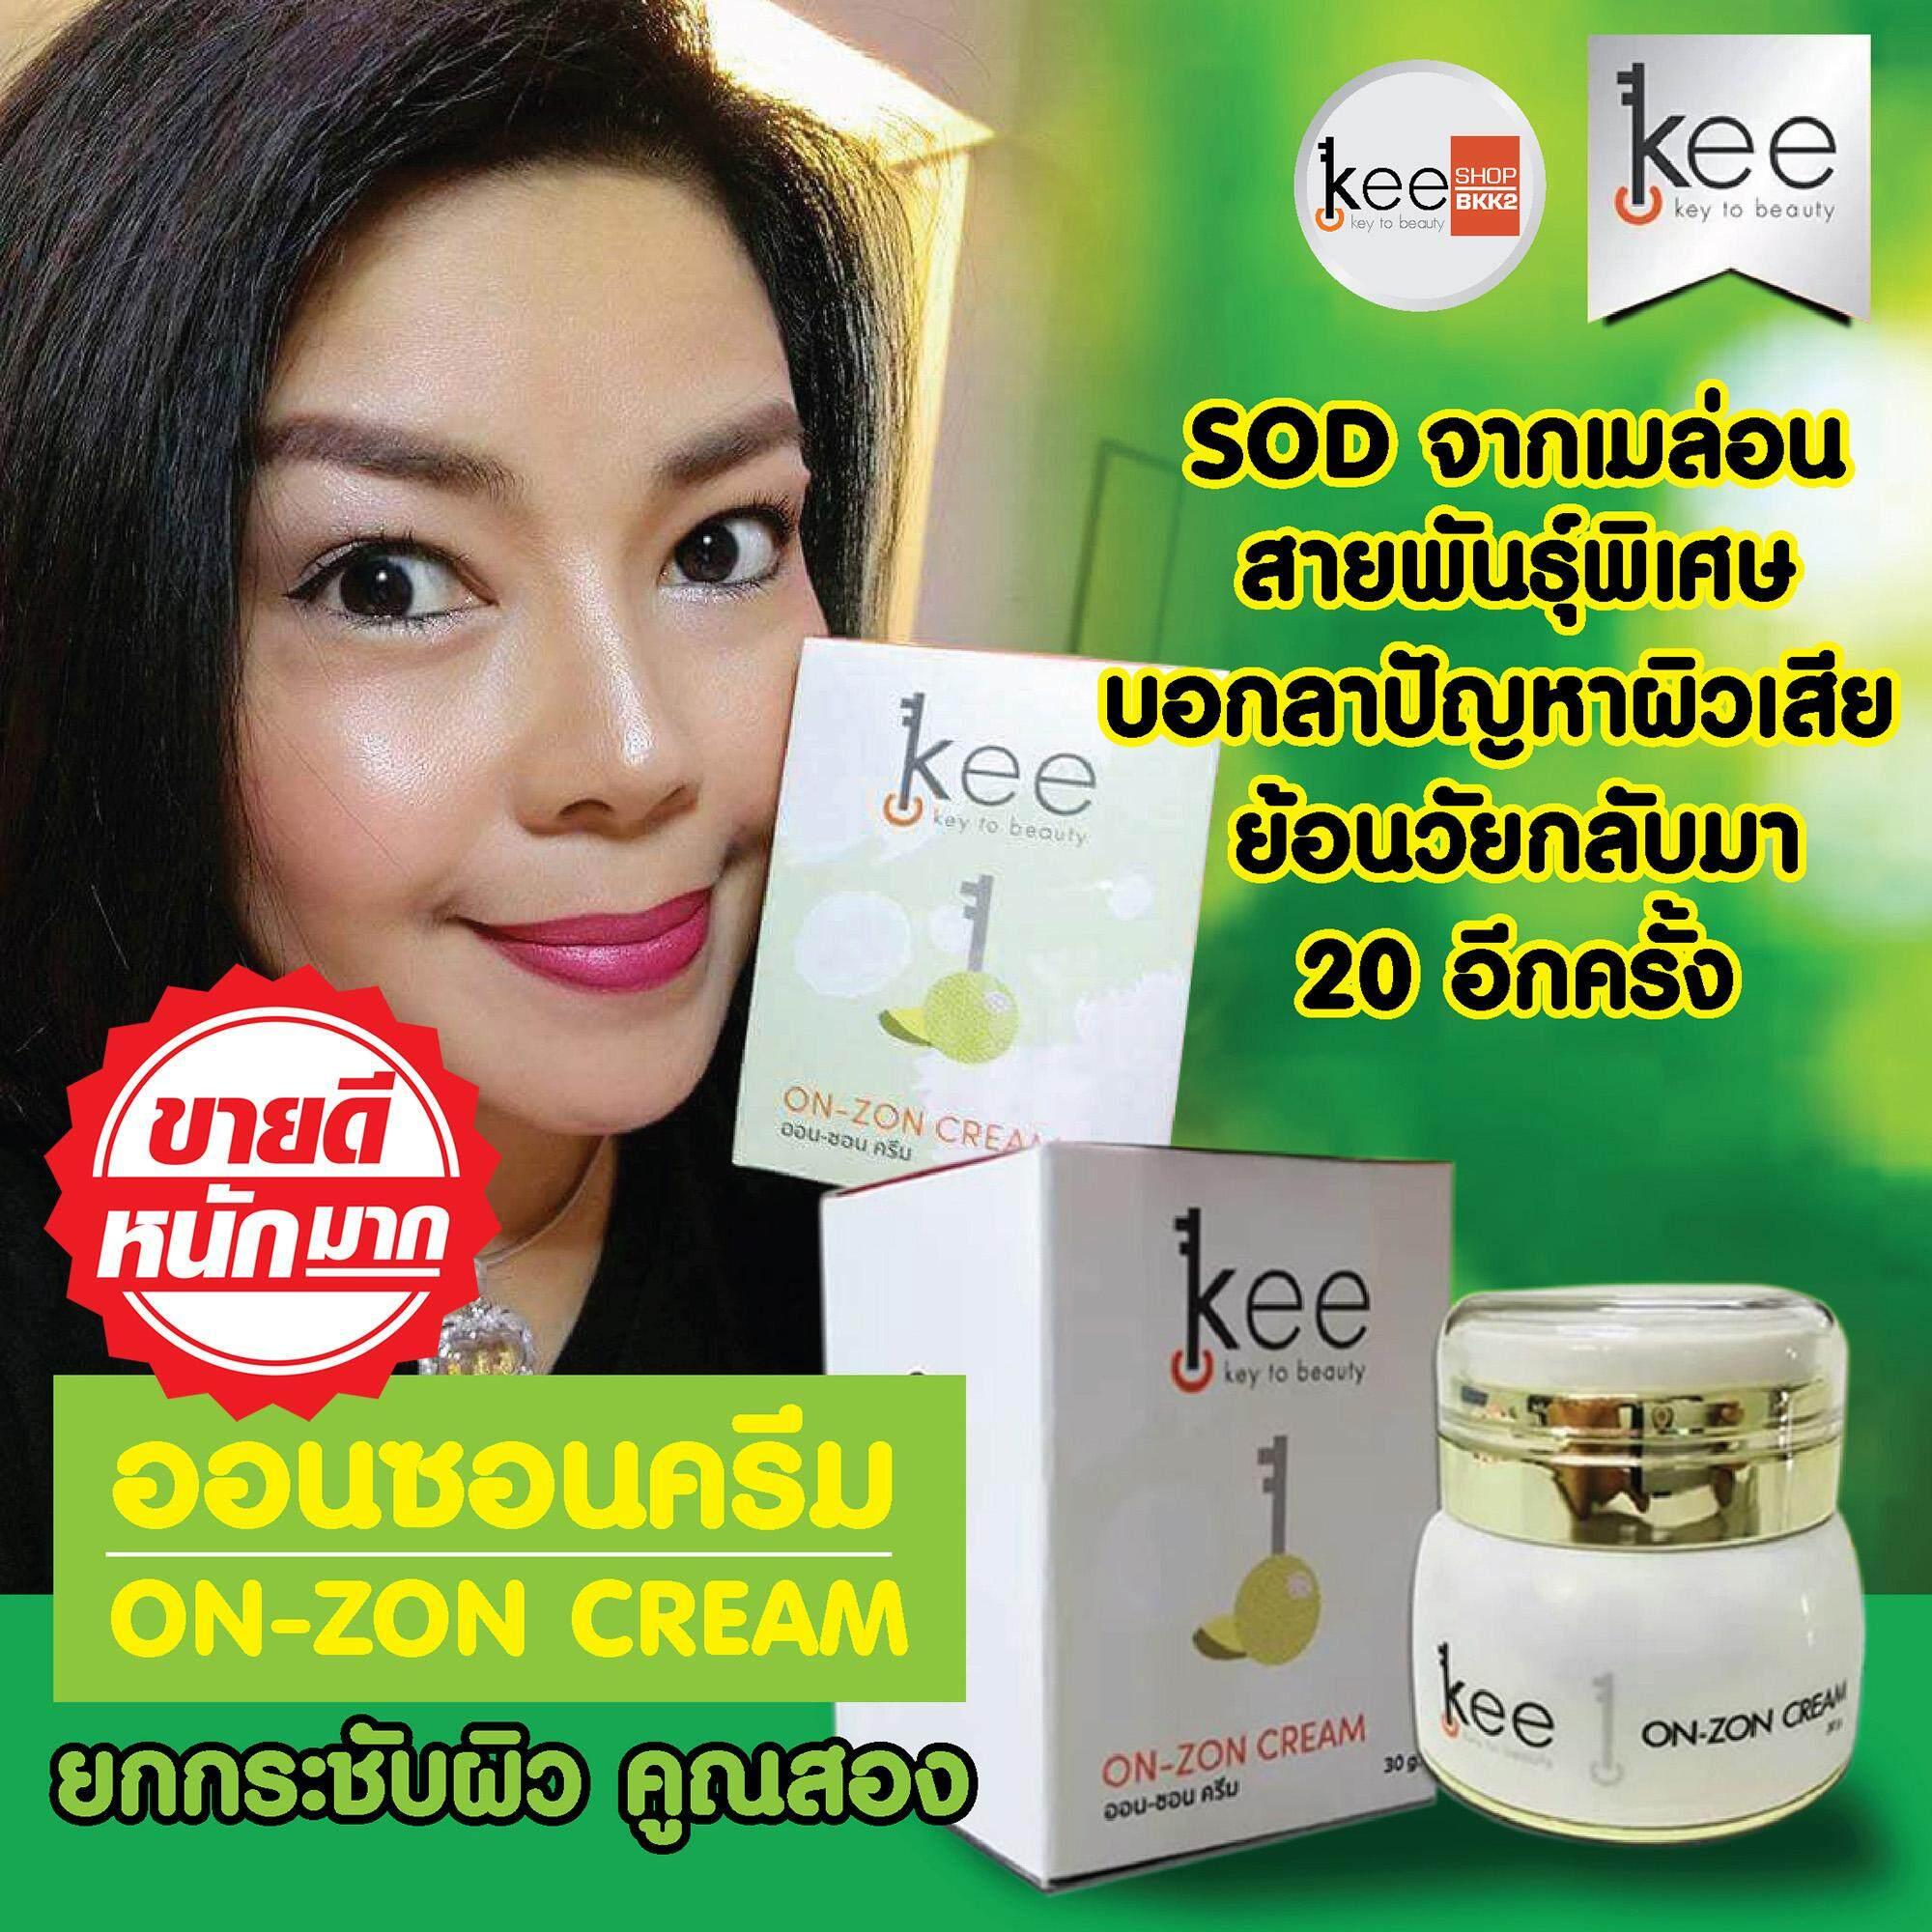 ขายดีมาก! kee ออนซอน ครีม On-Zon cream พลังผลไม้ SOD จากเมล่อนฝรั่งเศส